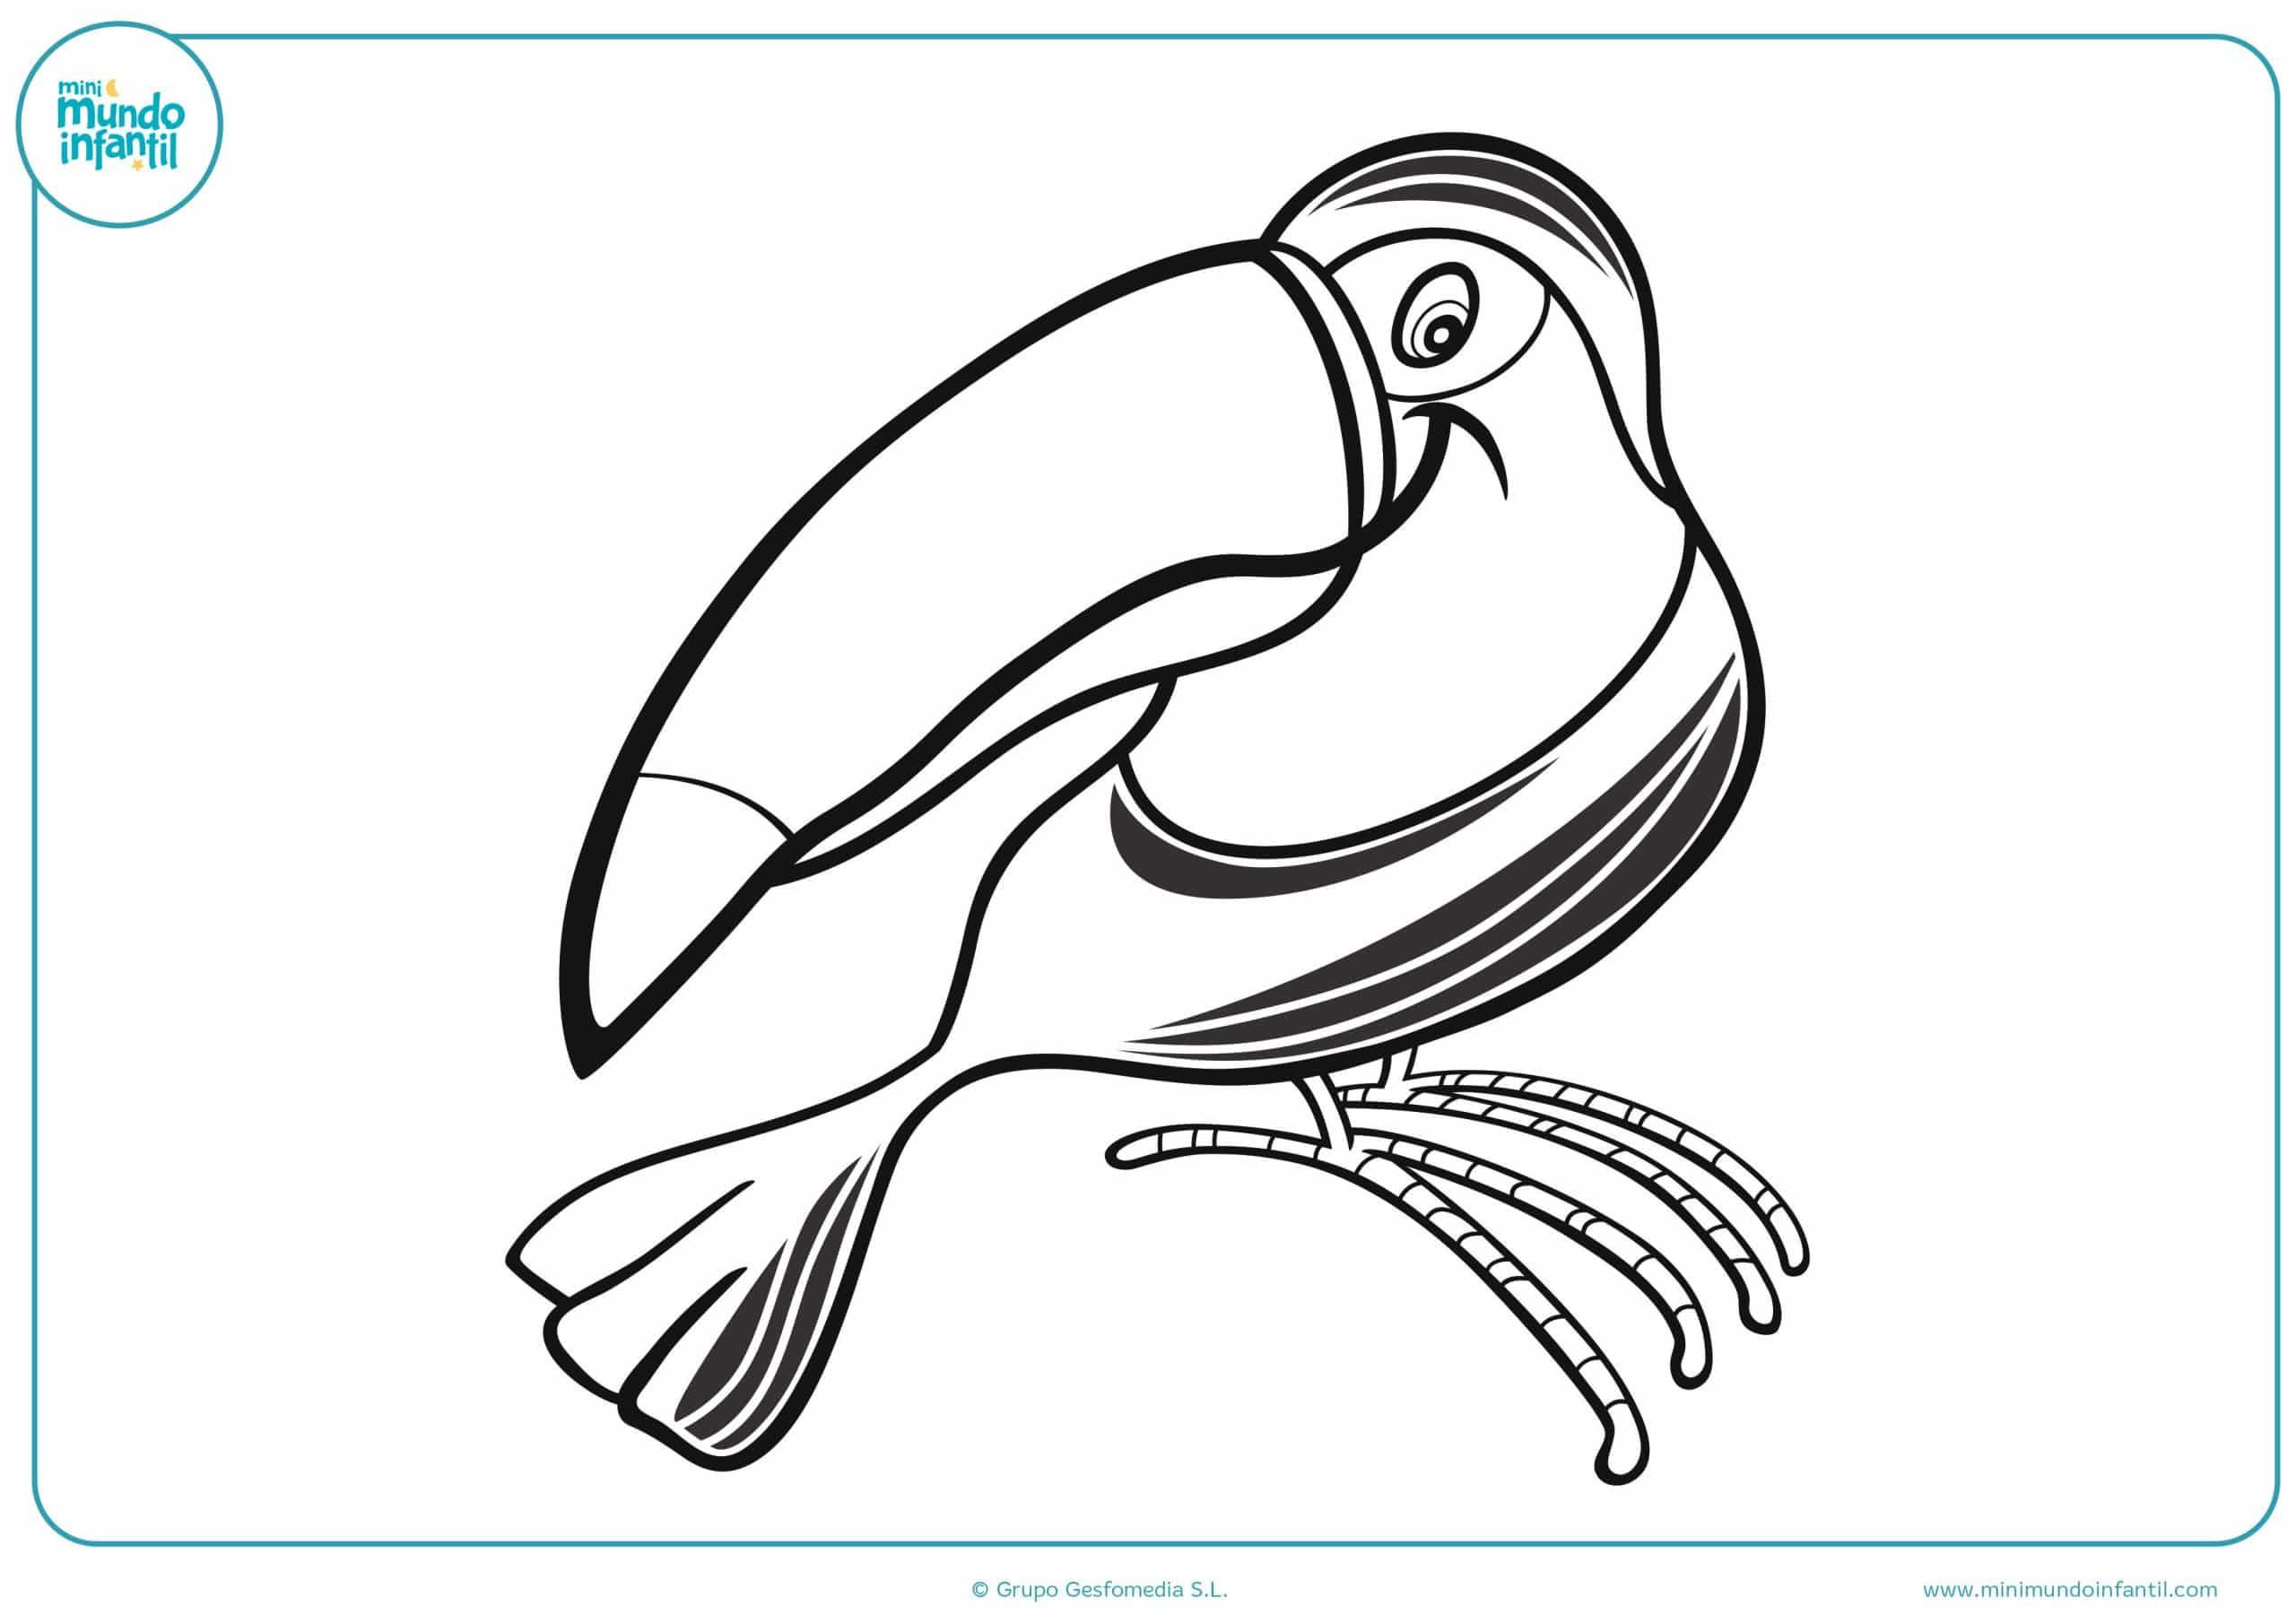 Pintar NiÑos Del Mundo: Dibujos De Aves Para Colorear